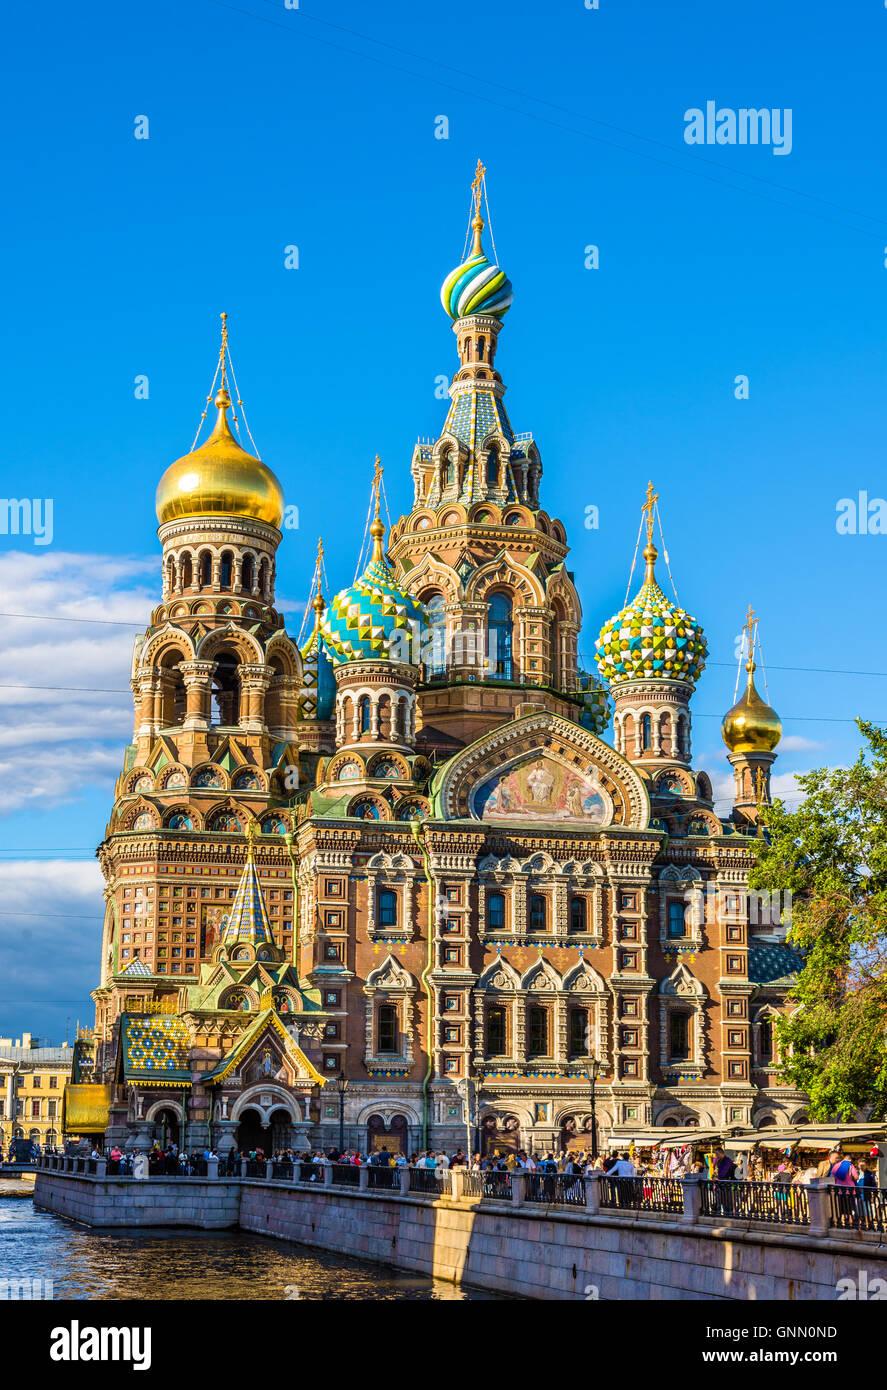 Eglise du Sauveur sur le sang - Saint-Pétersbourg, Russie Photo Stock